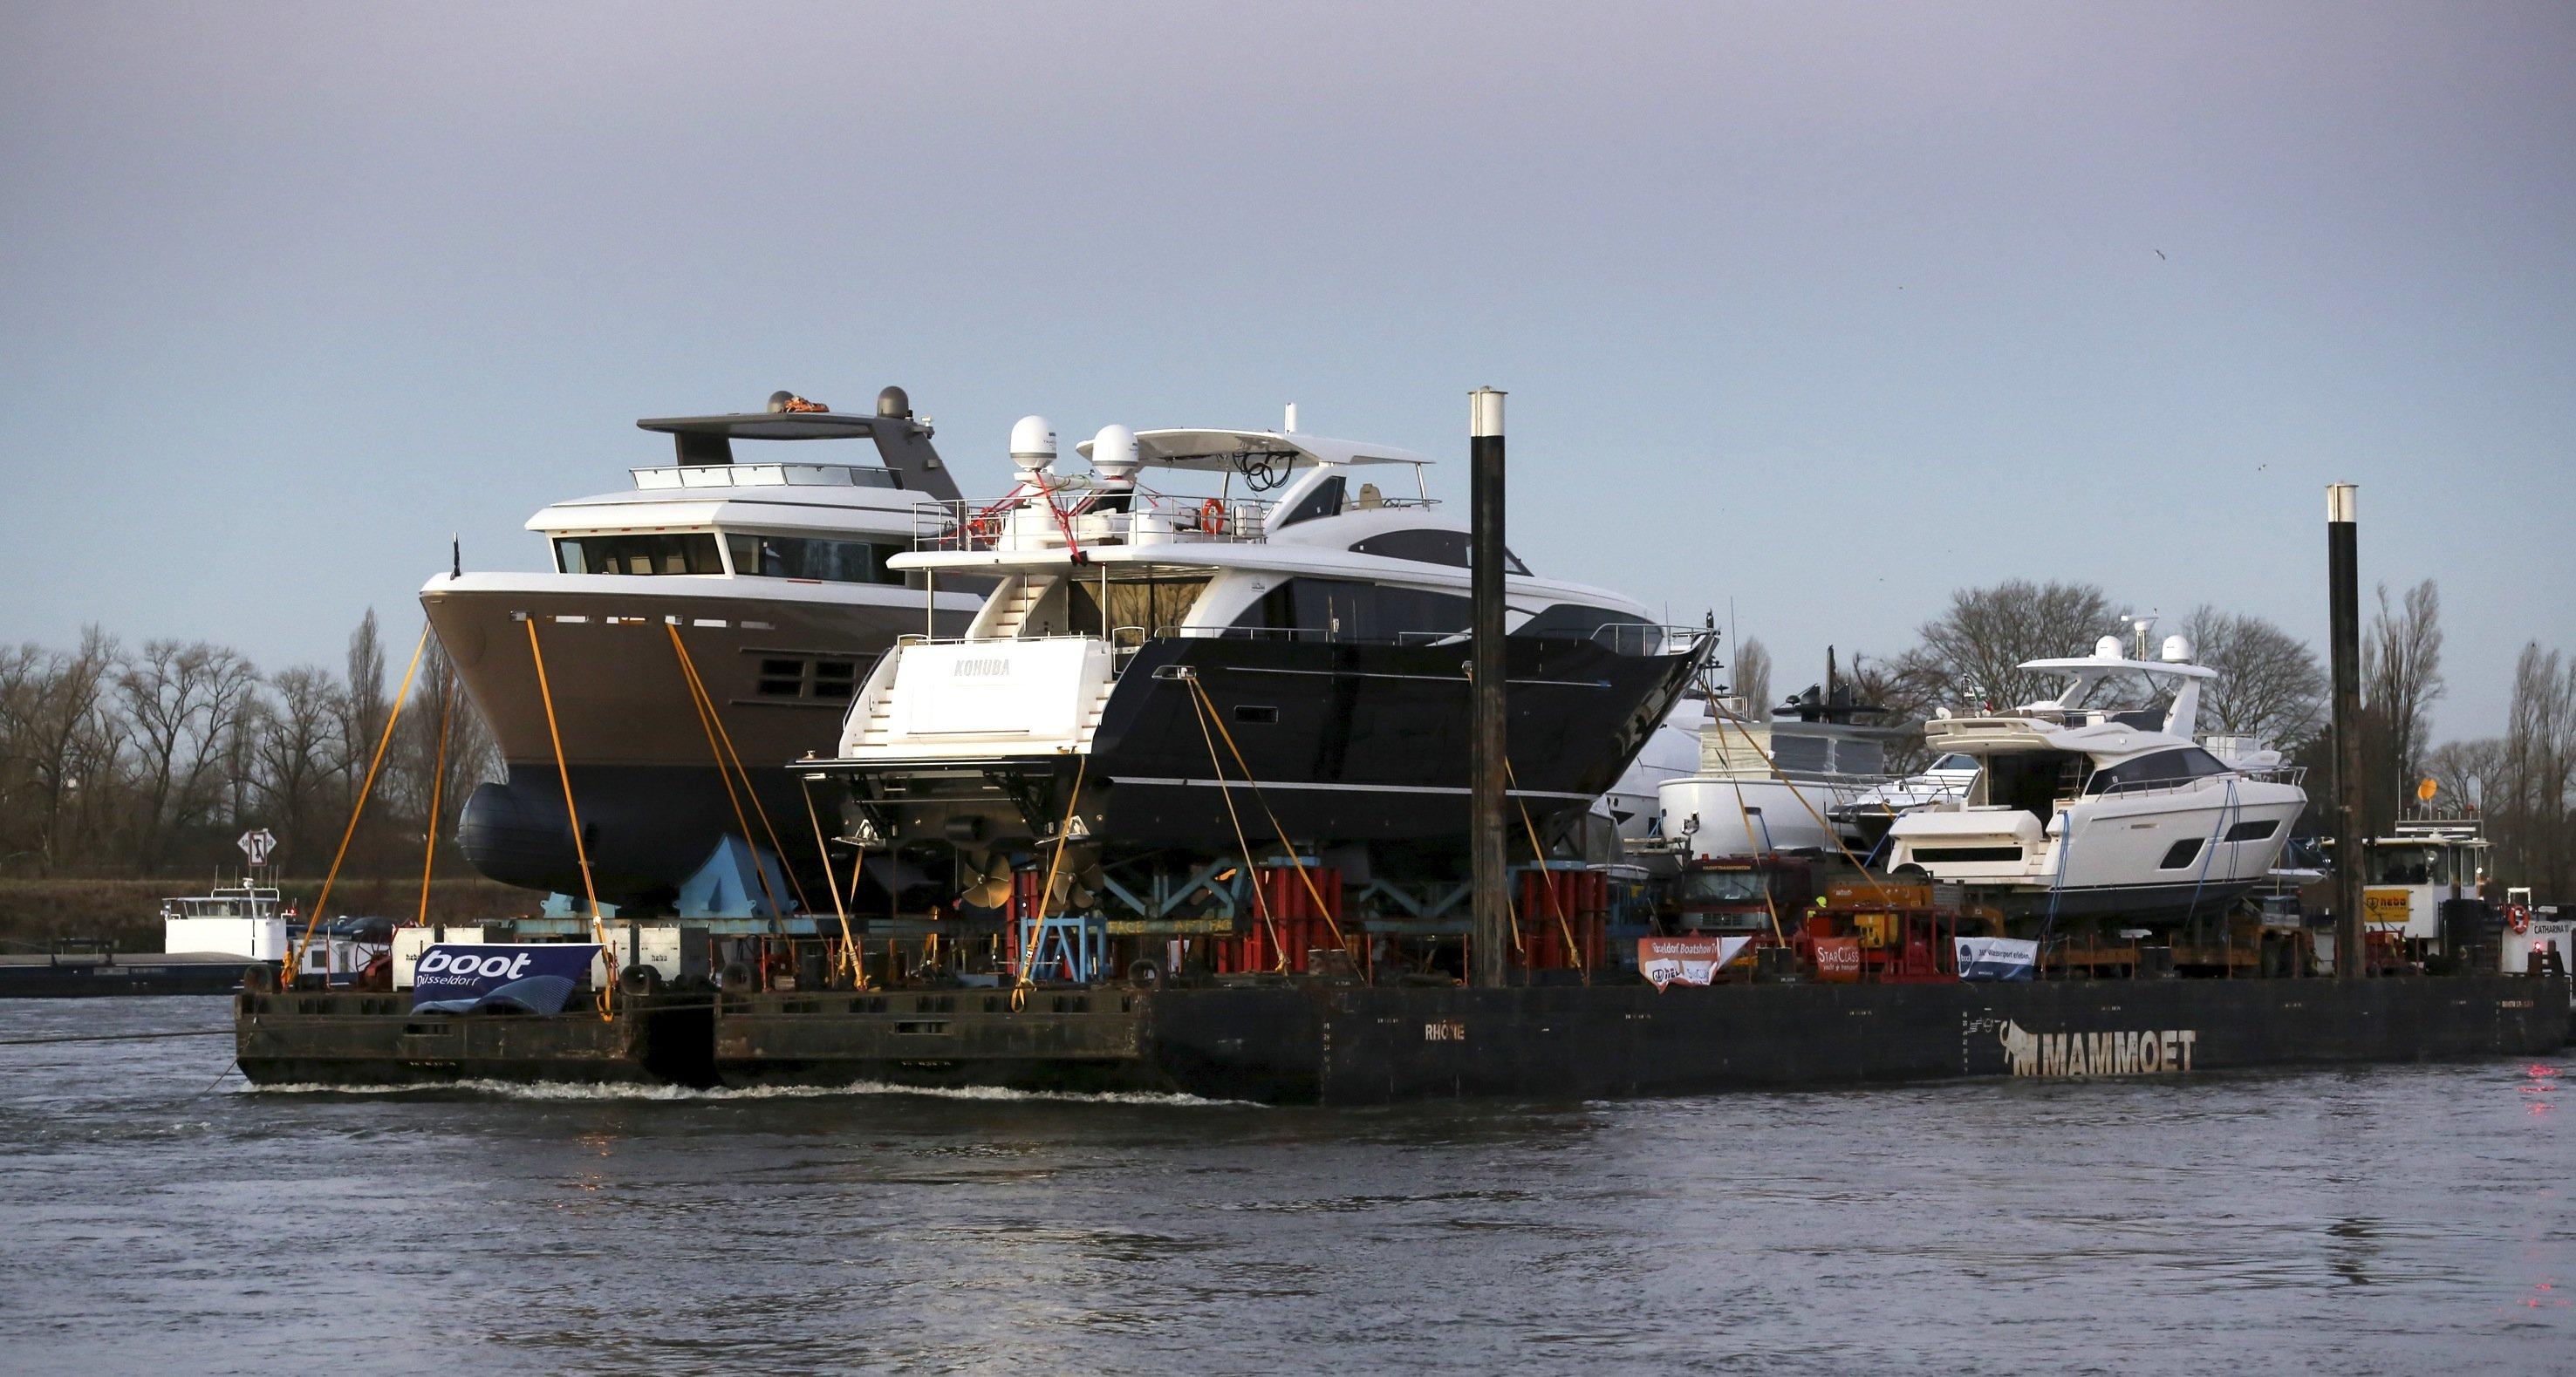 Die M 30 des niederländischen Yachtbauers Princess ist die größte Yacht der Boot 2016. Sie wurde mit sechs anderen Yachten auf einem Ponton in vier Tagen von Rotterdam über den Rhein nach Düsseldorf gebracht.